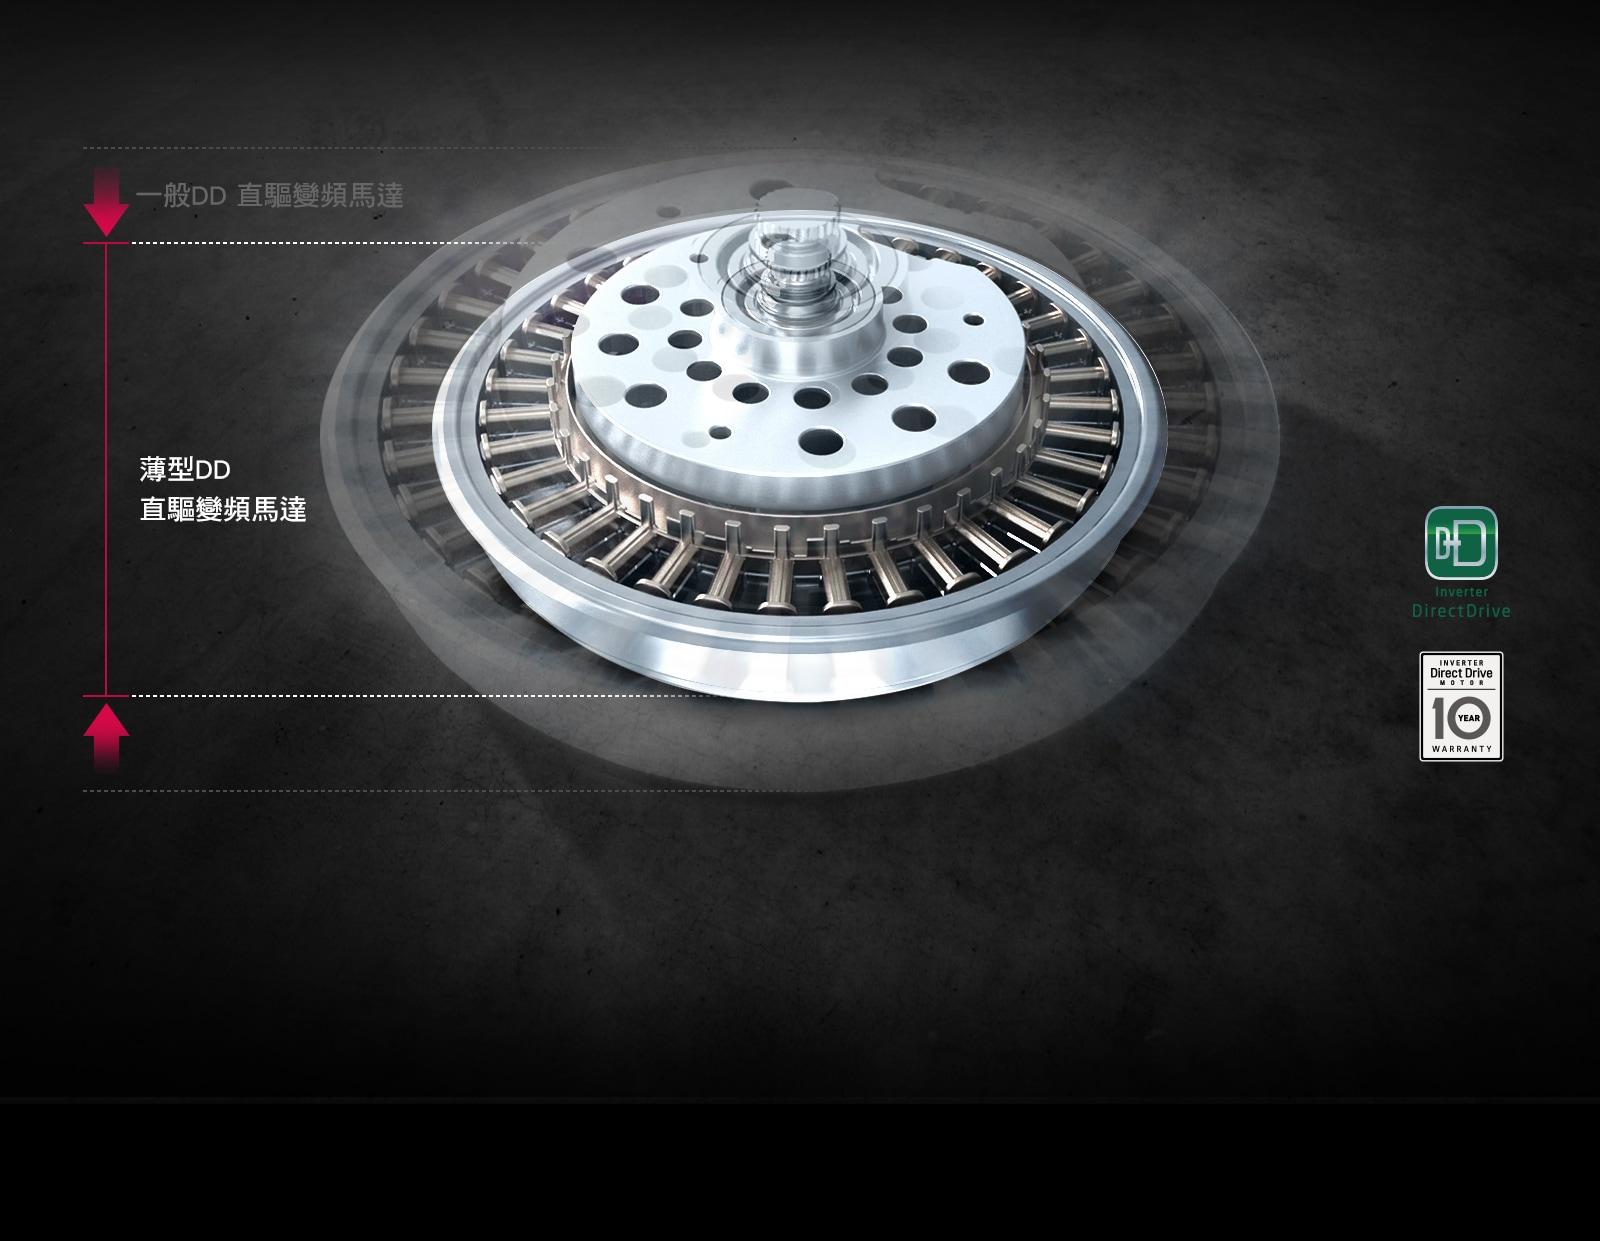 WD-XXXXXX-silver-mini_Slim-Inverter-DD_25012018_D